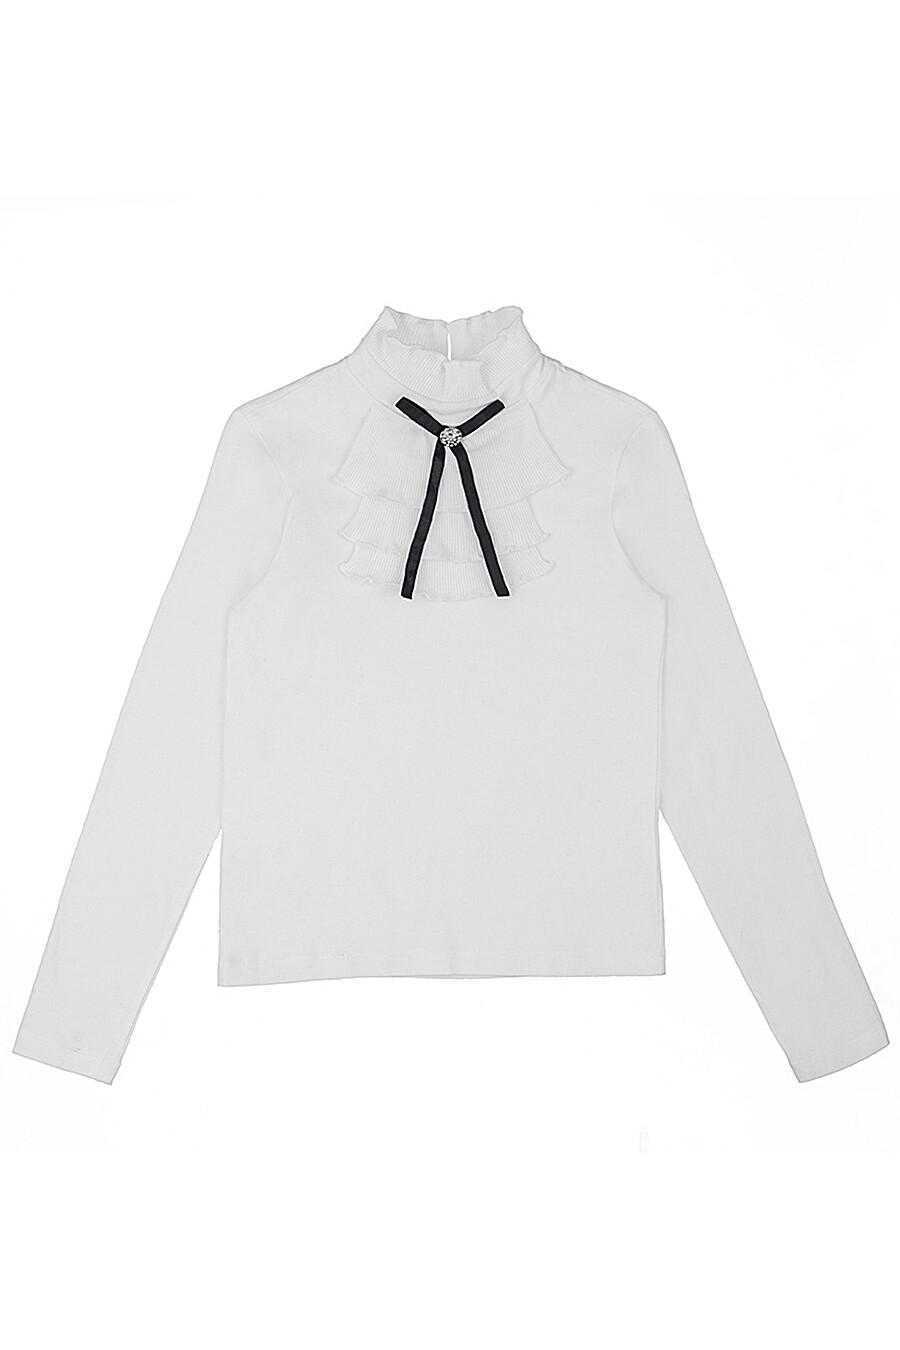 Блуза для девочек IN FUNT 219037 купить оптом от производителя. Совместная покупка детской одежды в OptMoyo